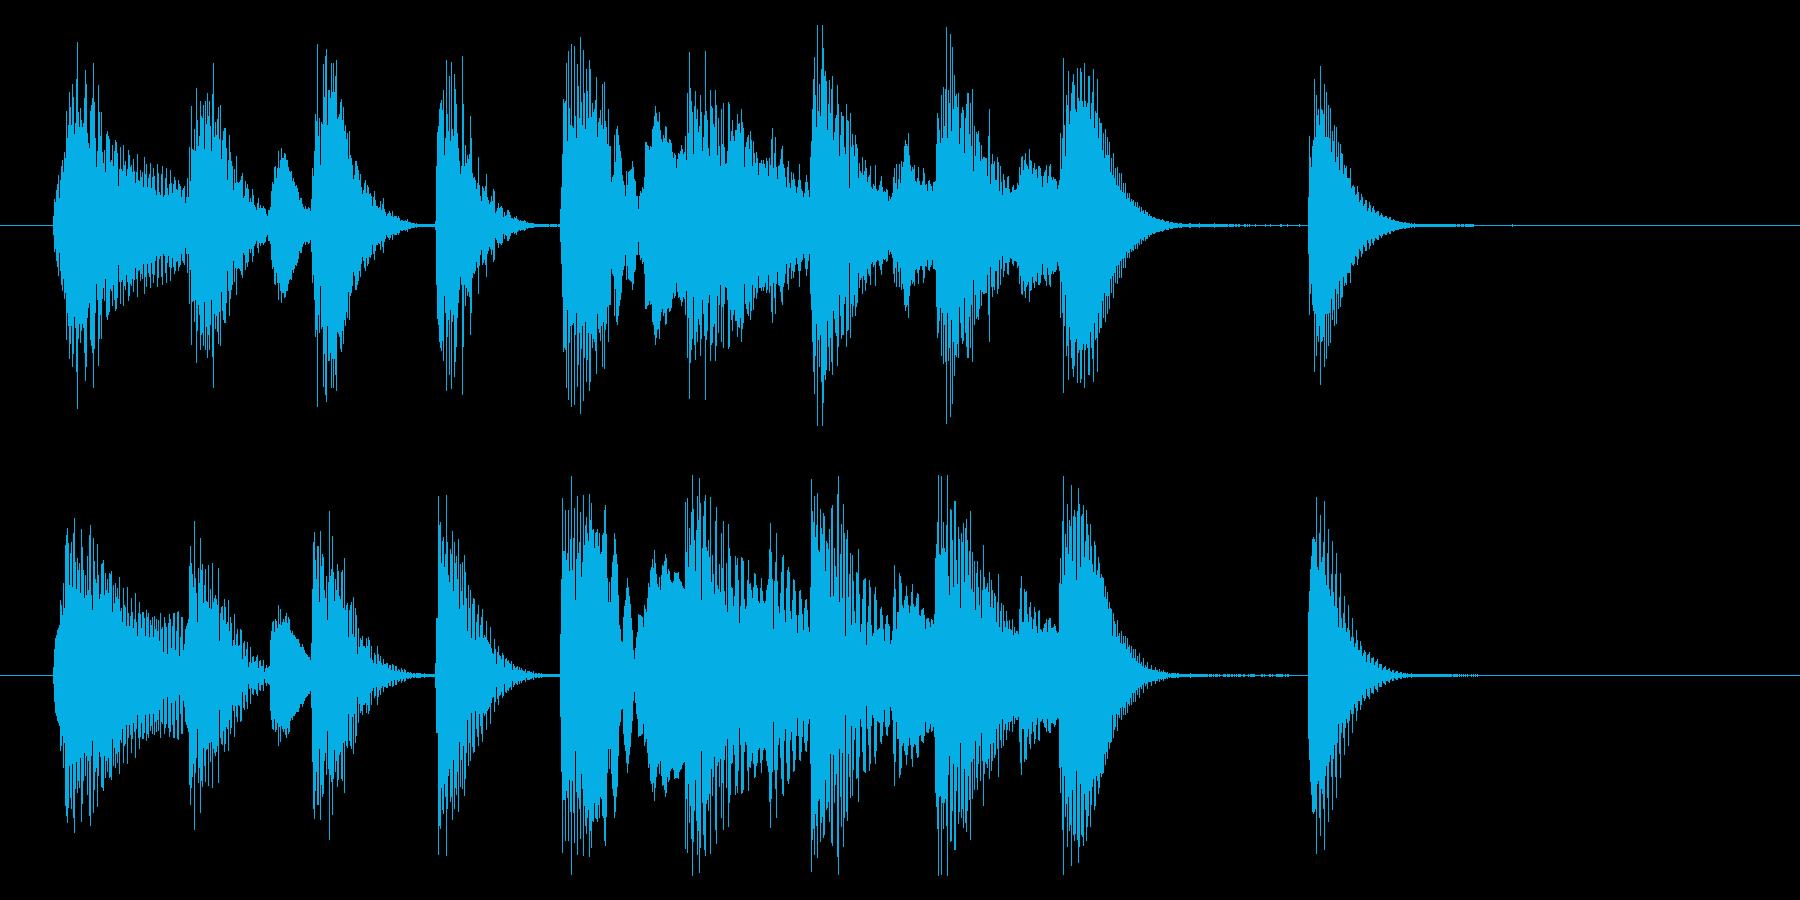 明るく軽快なピアノジングル 4秒の再生済みの波形